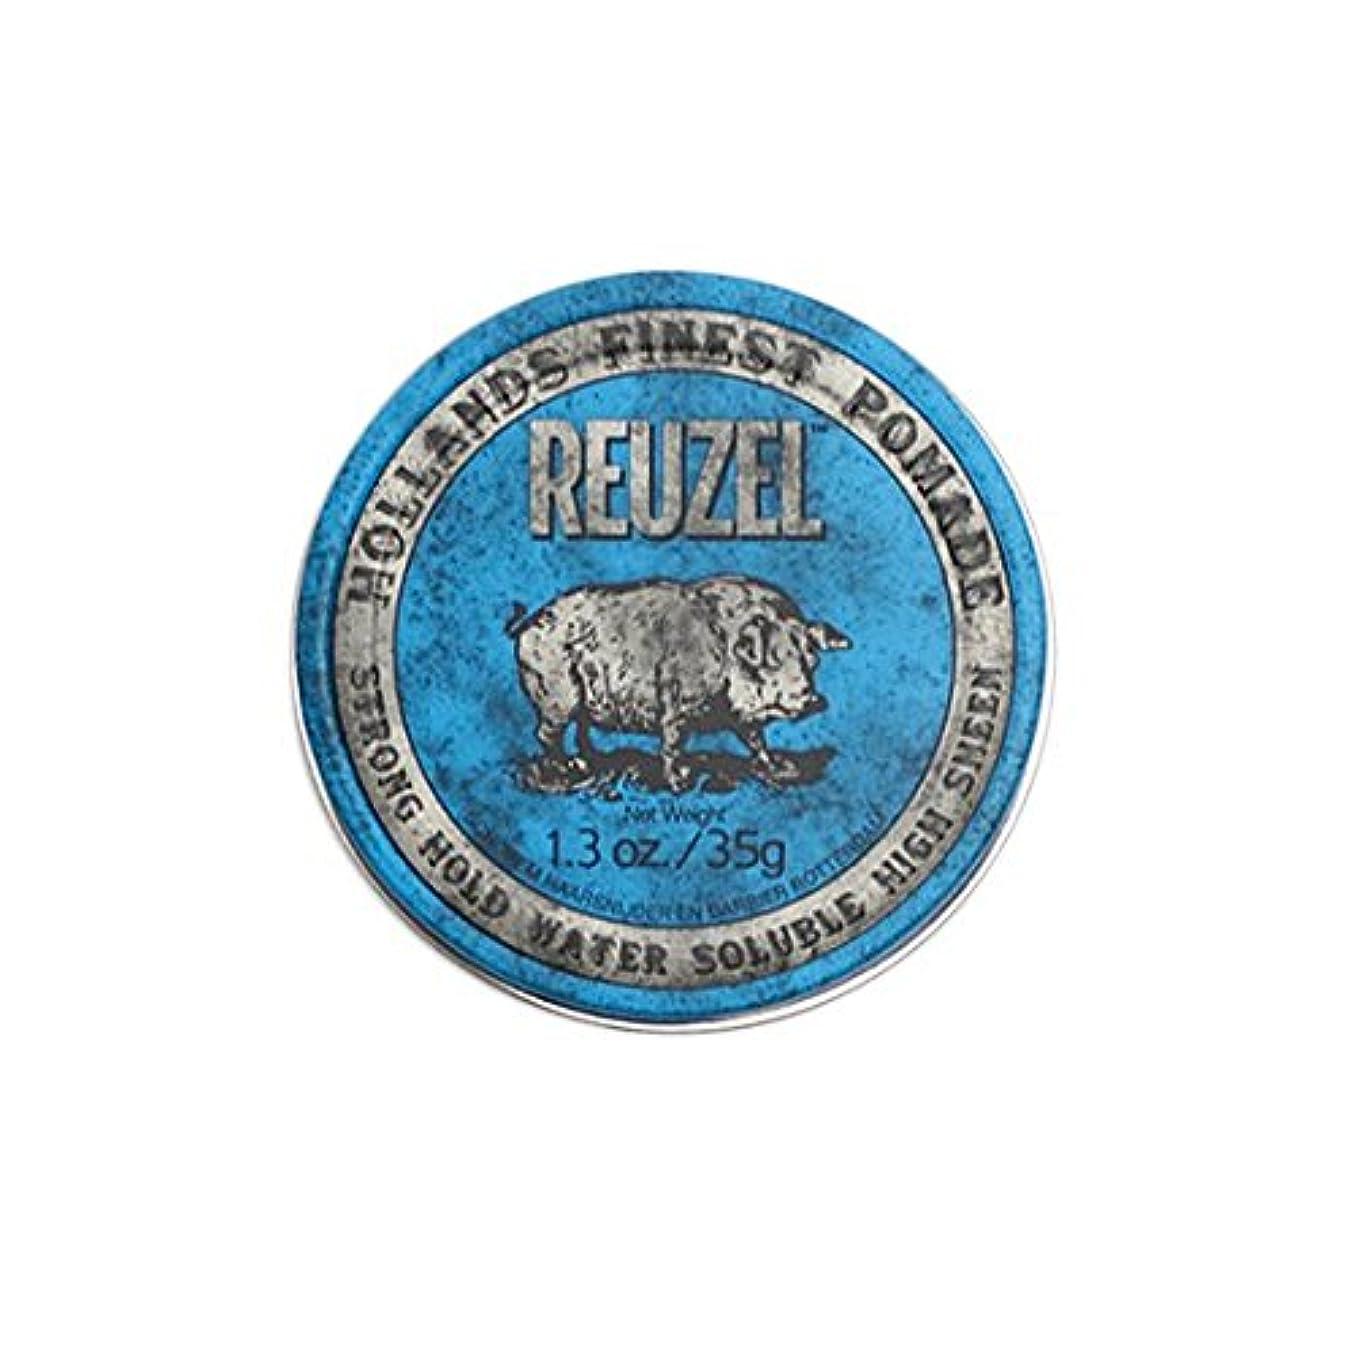 逆さまにセンブランス小競り合いルーゾー REUZEL STRONG HOLD HIGH SHEEN ストロングホールド ブルー 35g